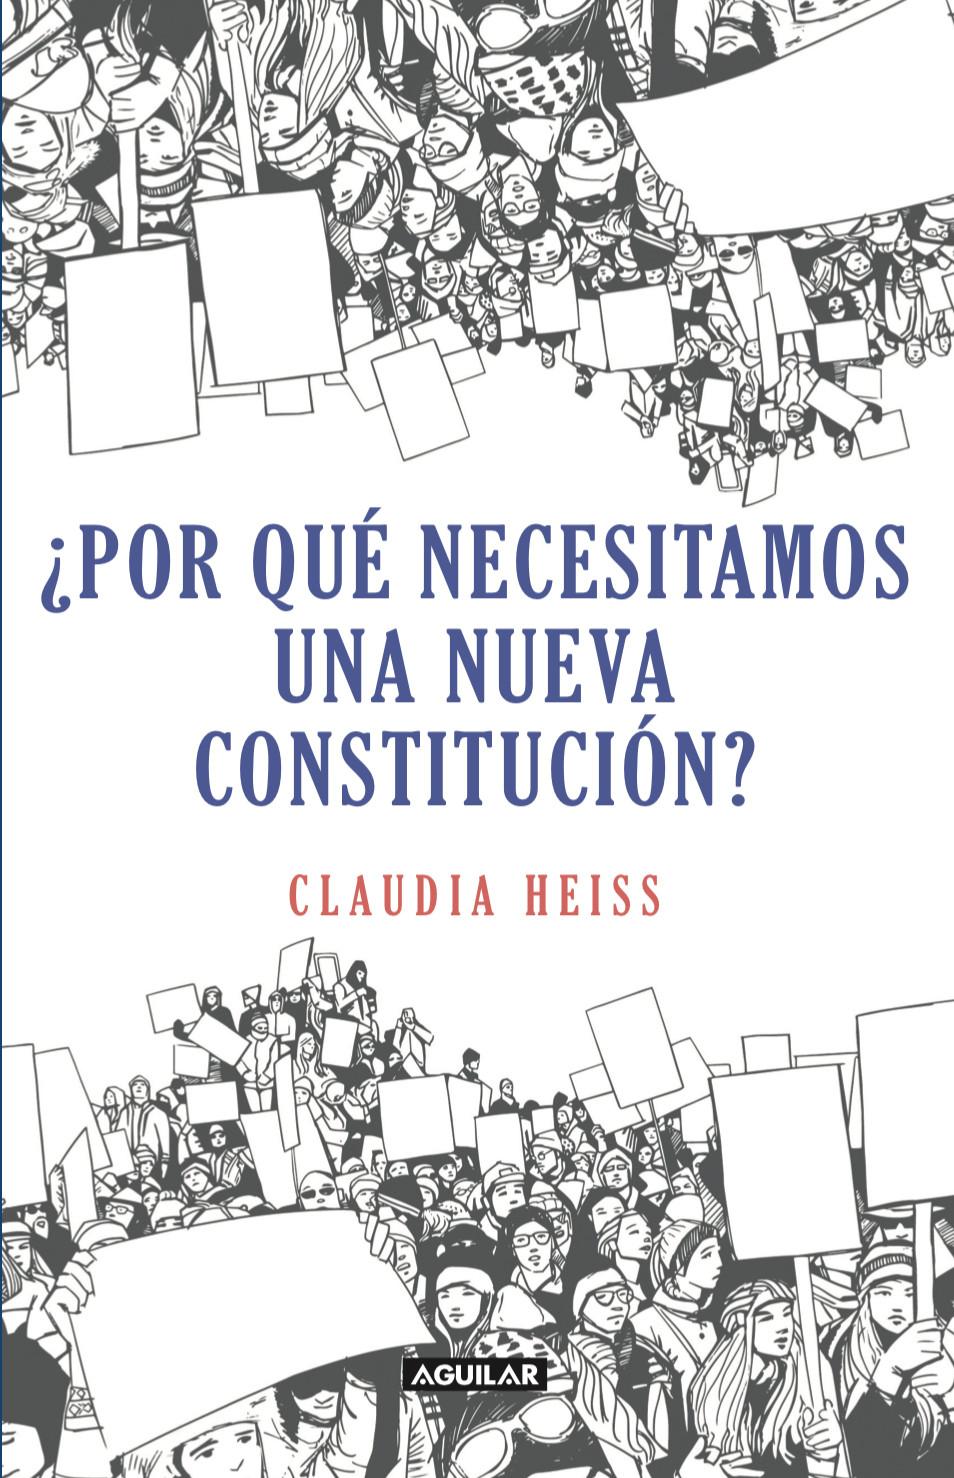 ¿Por qué necesitamos una nueva constitución?